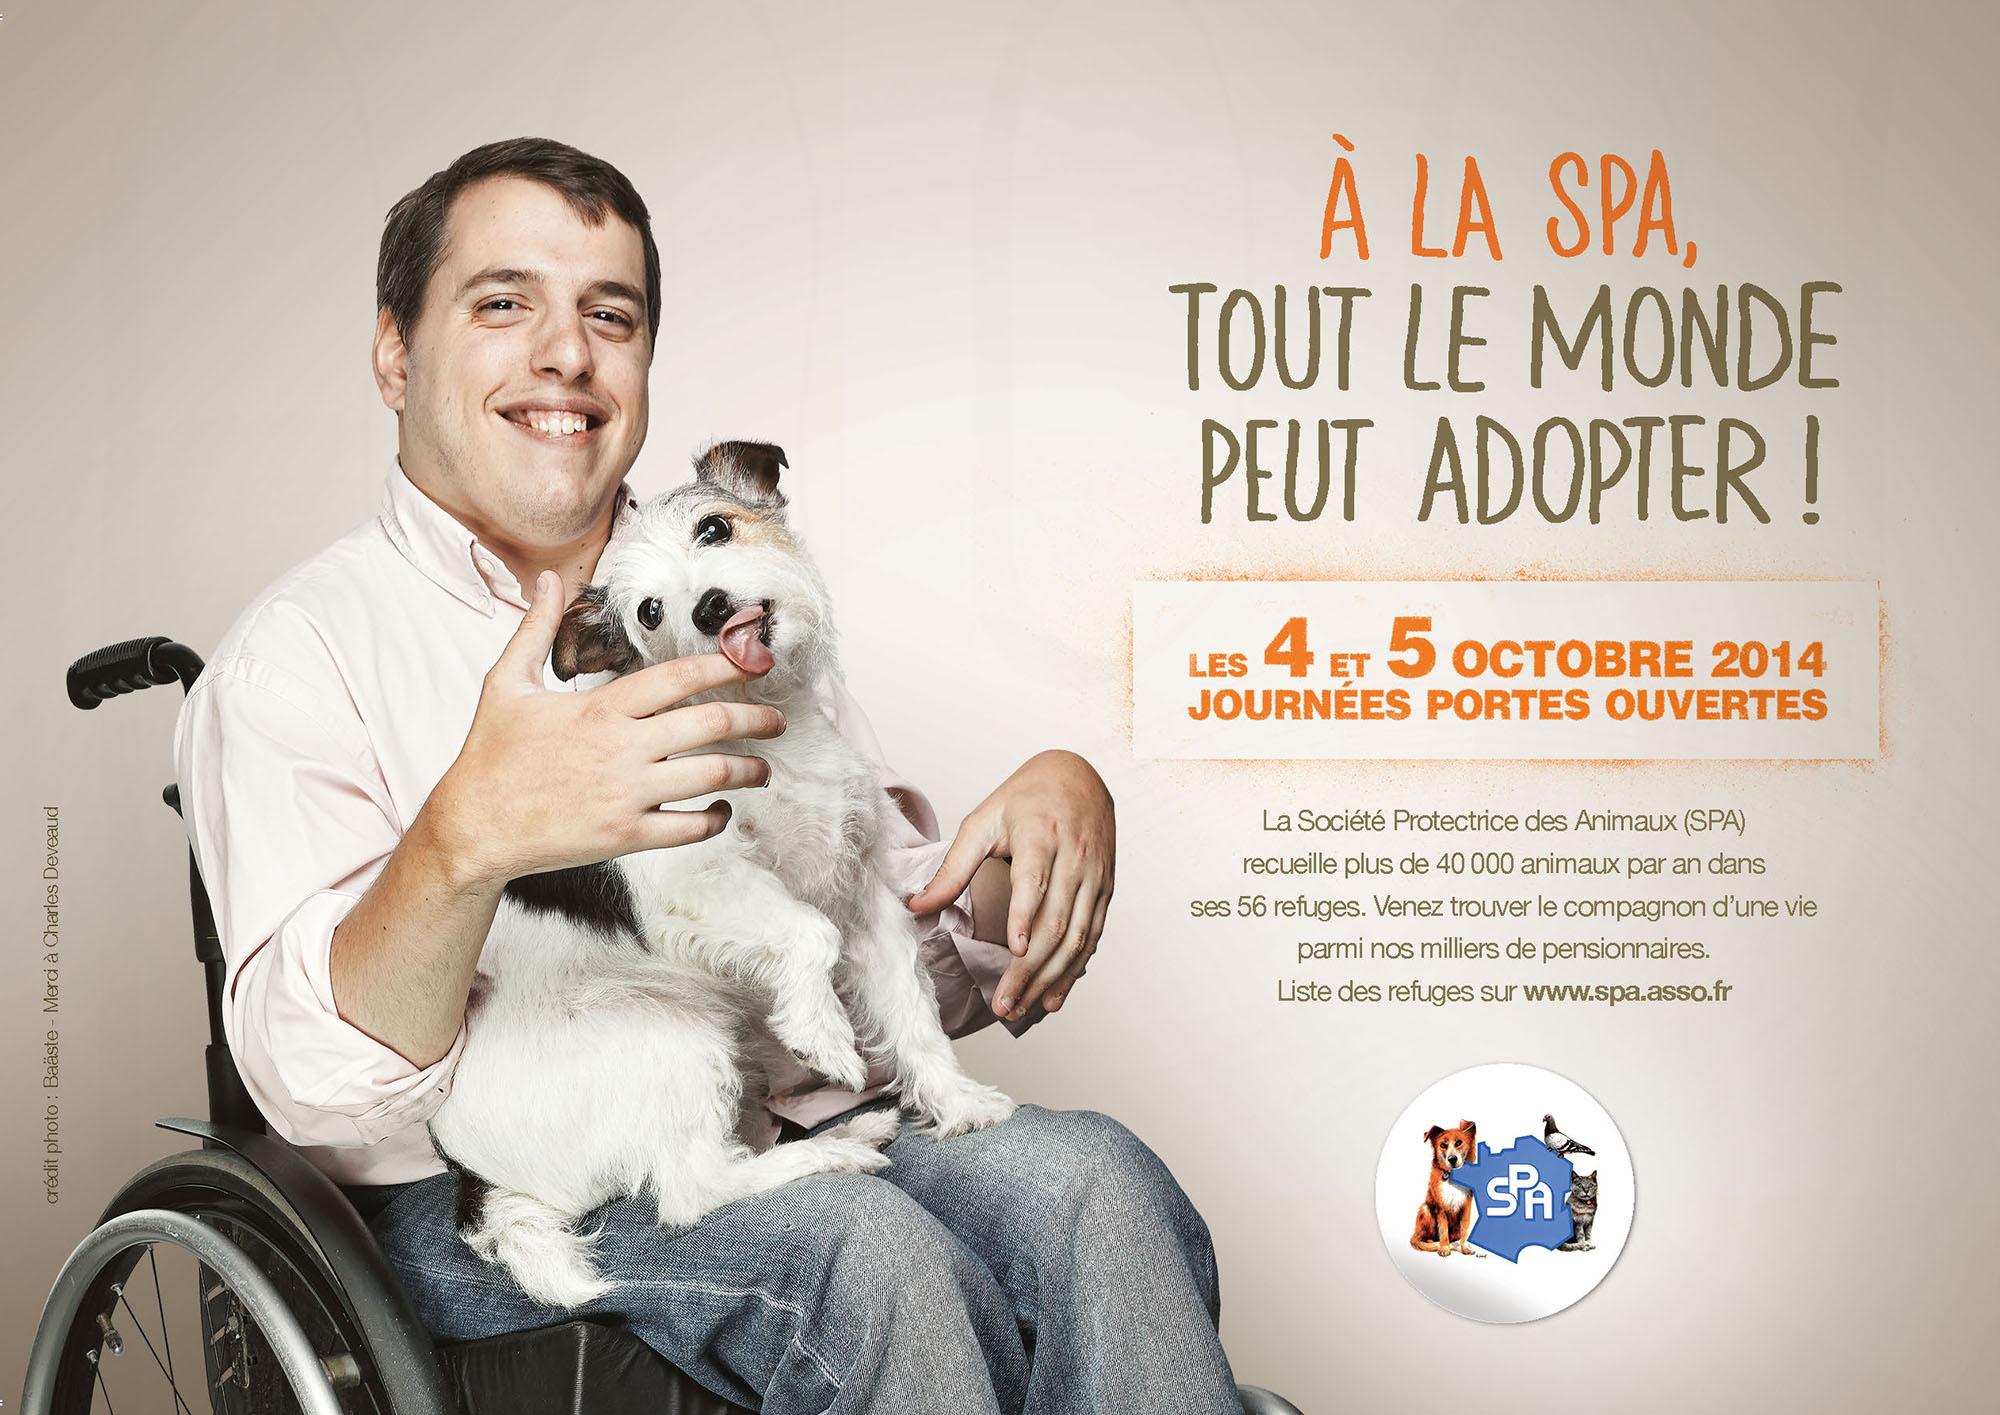 Journ es portes ouvertes adoptions la spa n oublie pas les personnes handicap es faire face - Journee portes ouvertes spa ...